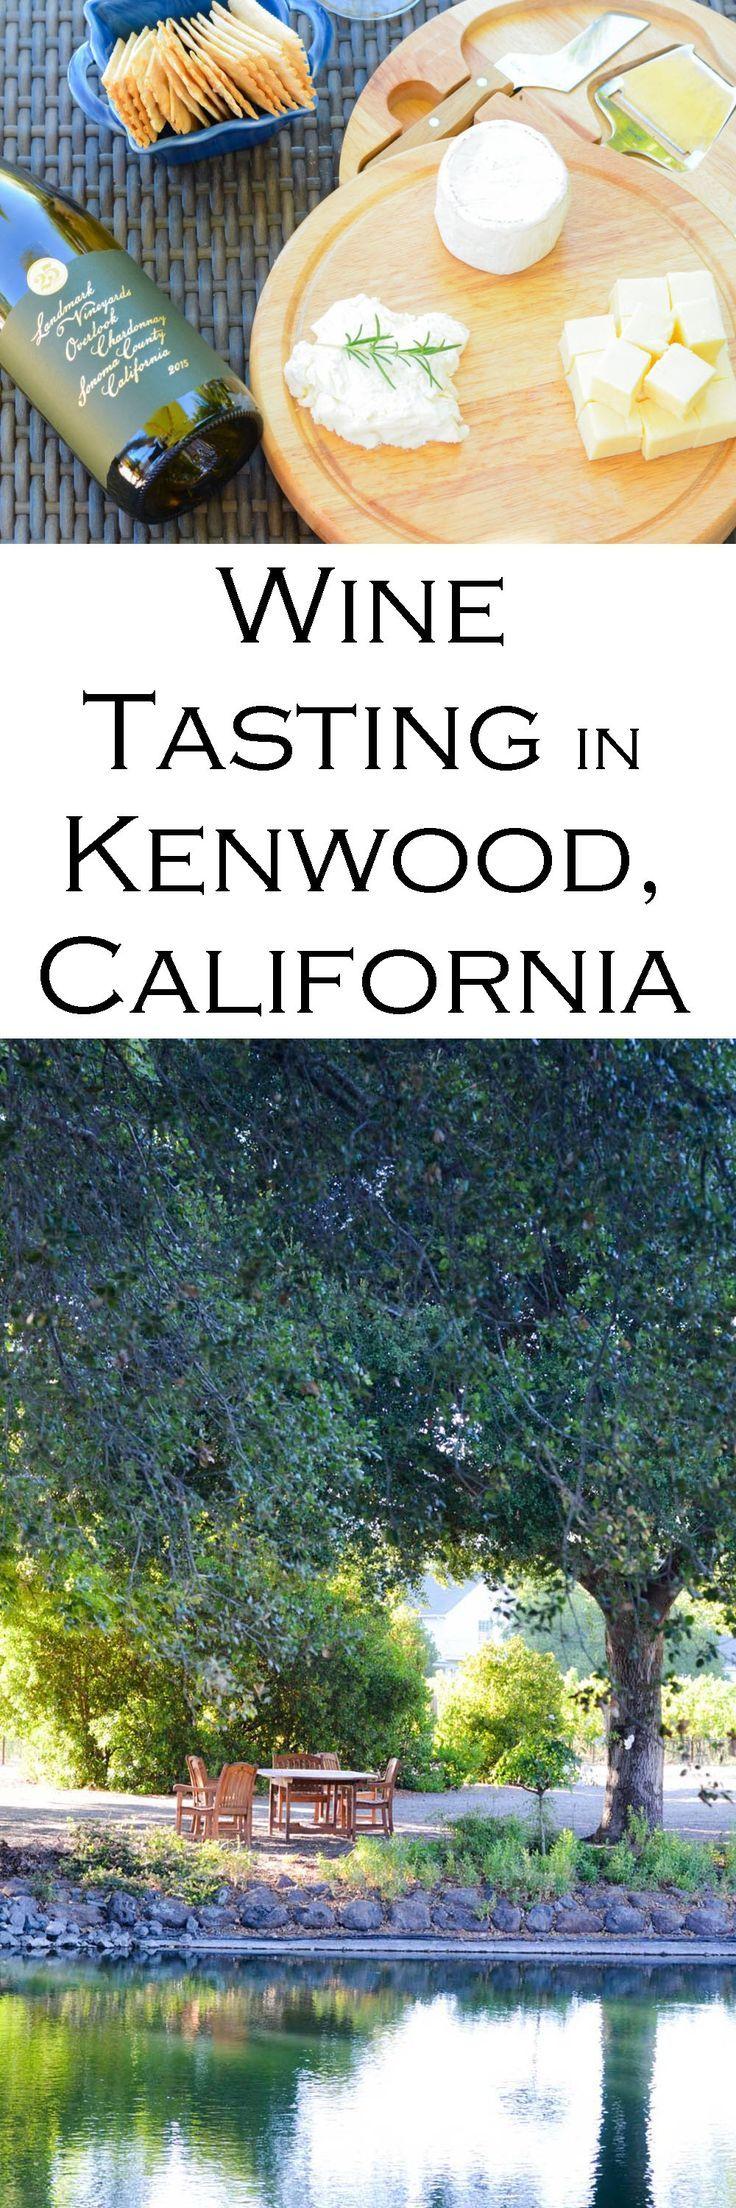 Landmark Vineyards in Kenwood, CA - Great Winery near Santa Rosa. Wine Tasting Outfit Ideas